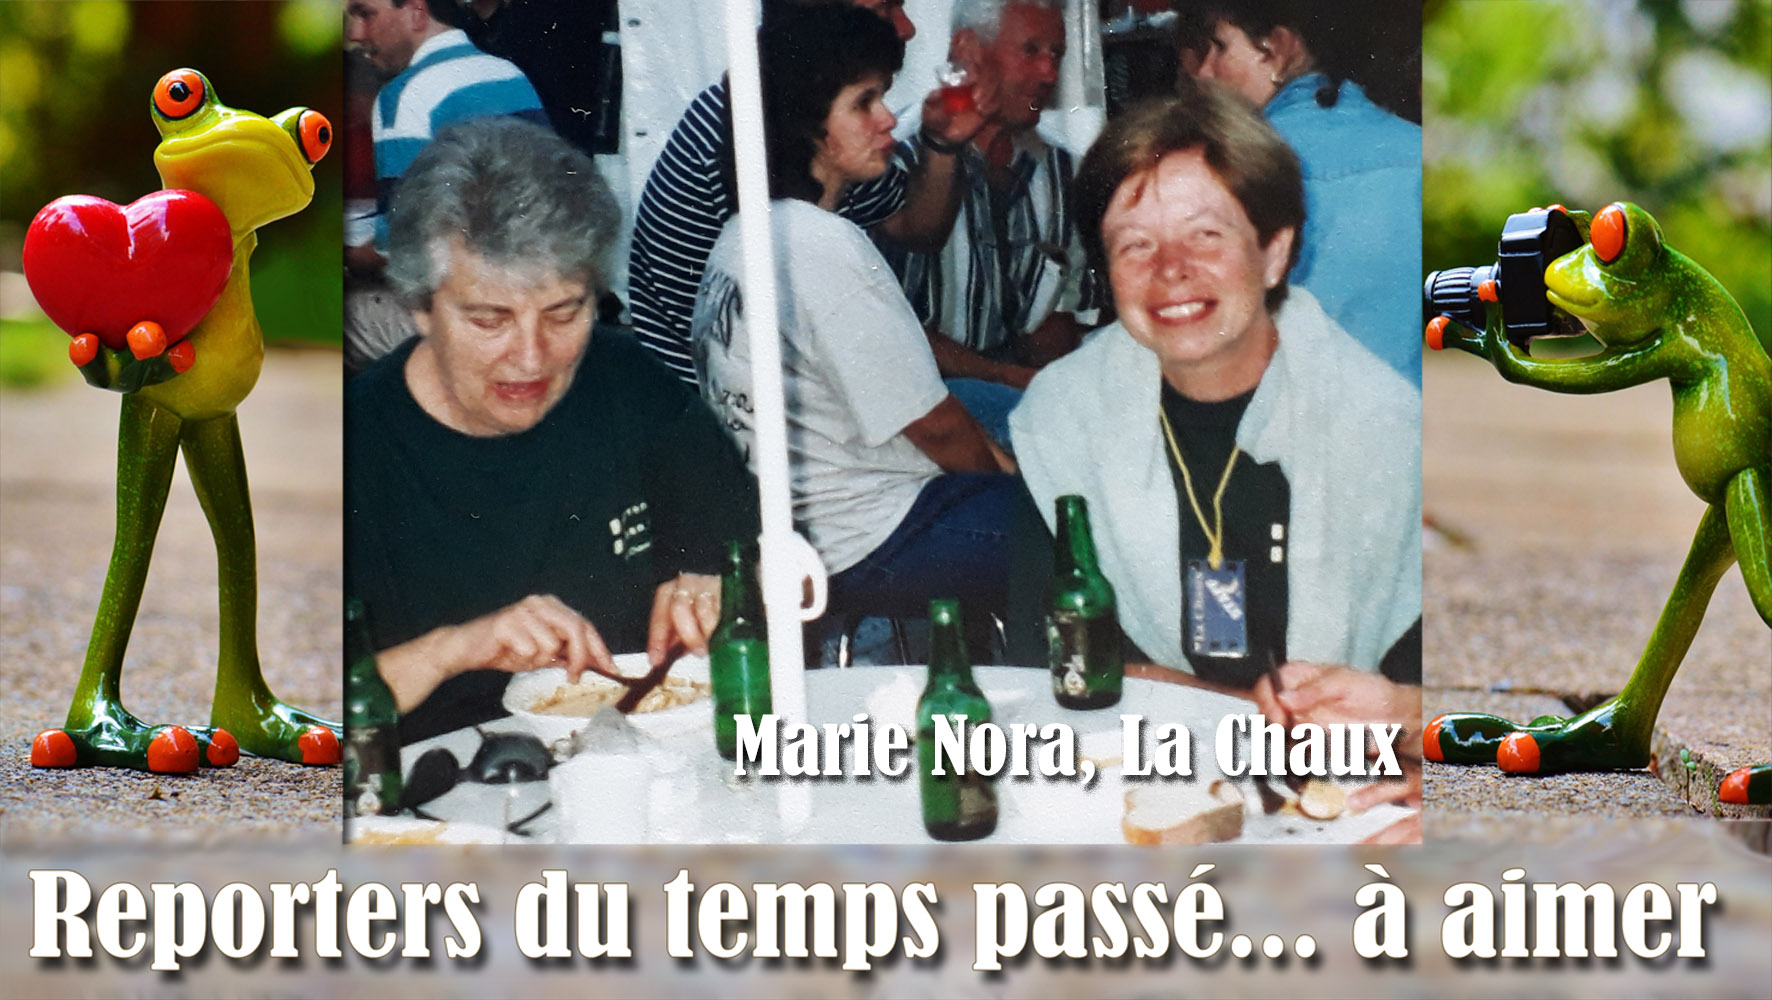 «Le 18 août 2000, jour où l'Open Air de La Chaux a vécu sa première soirée!»